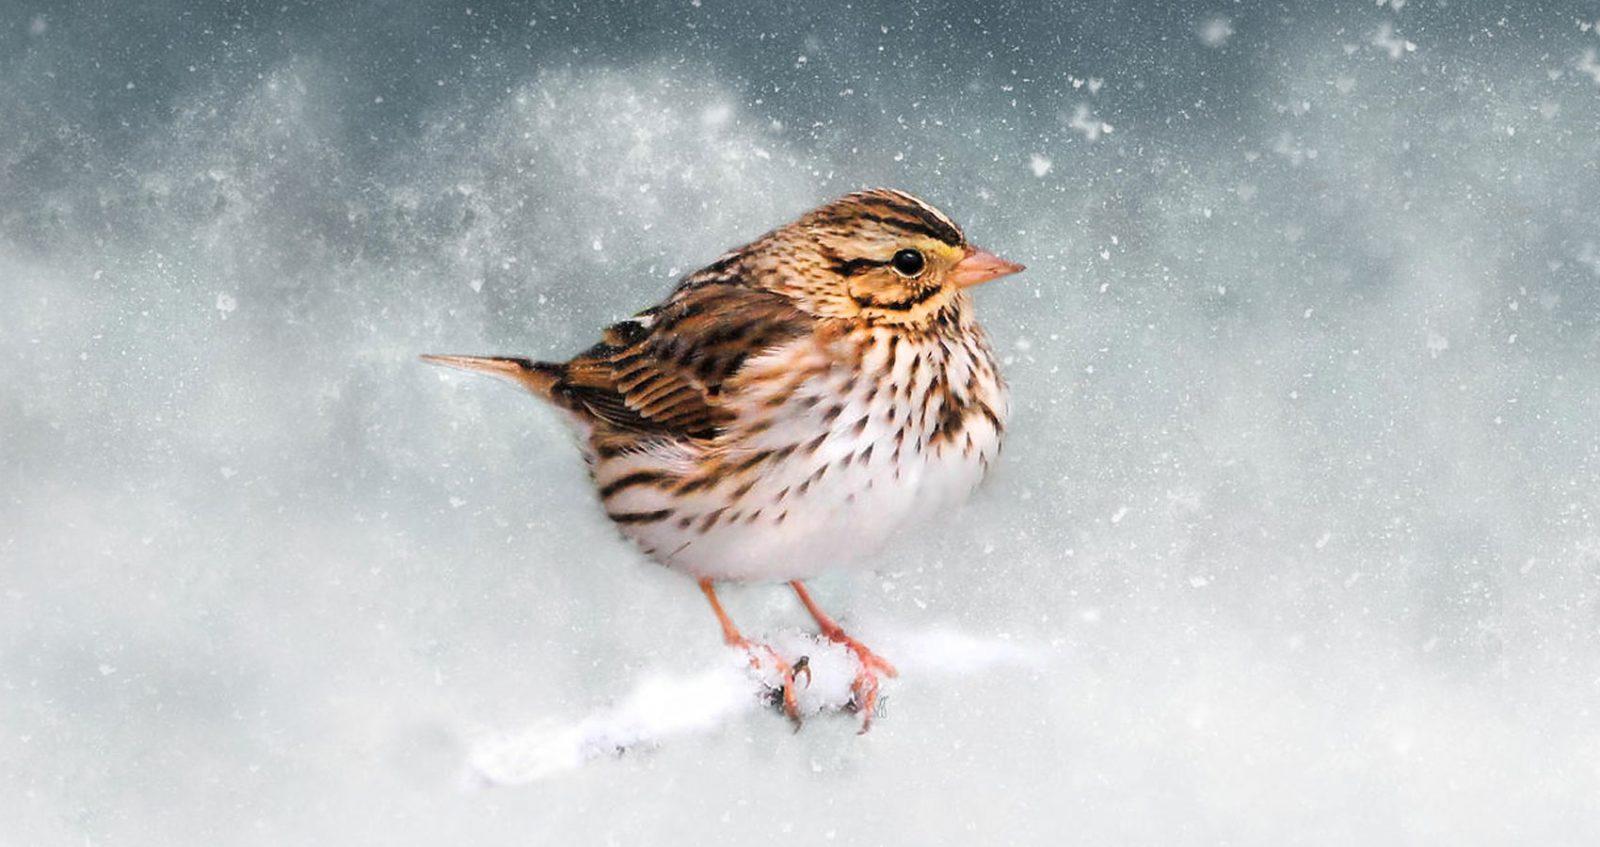 January's Sparrow